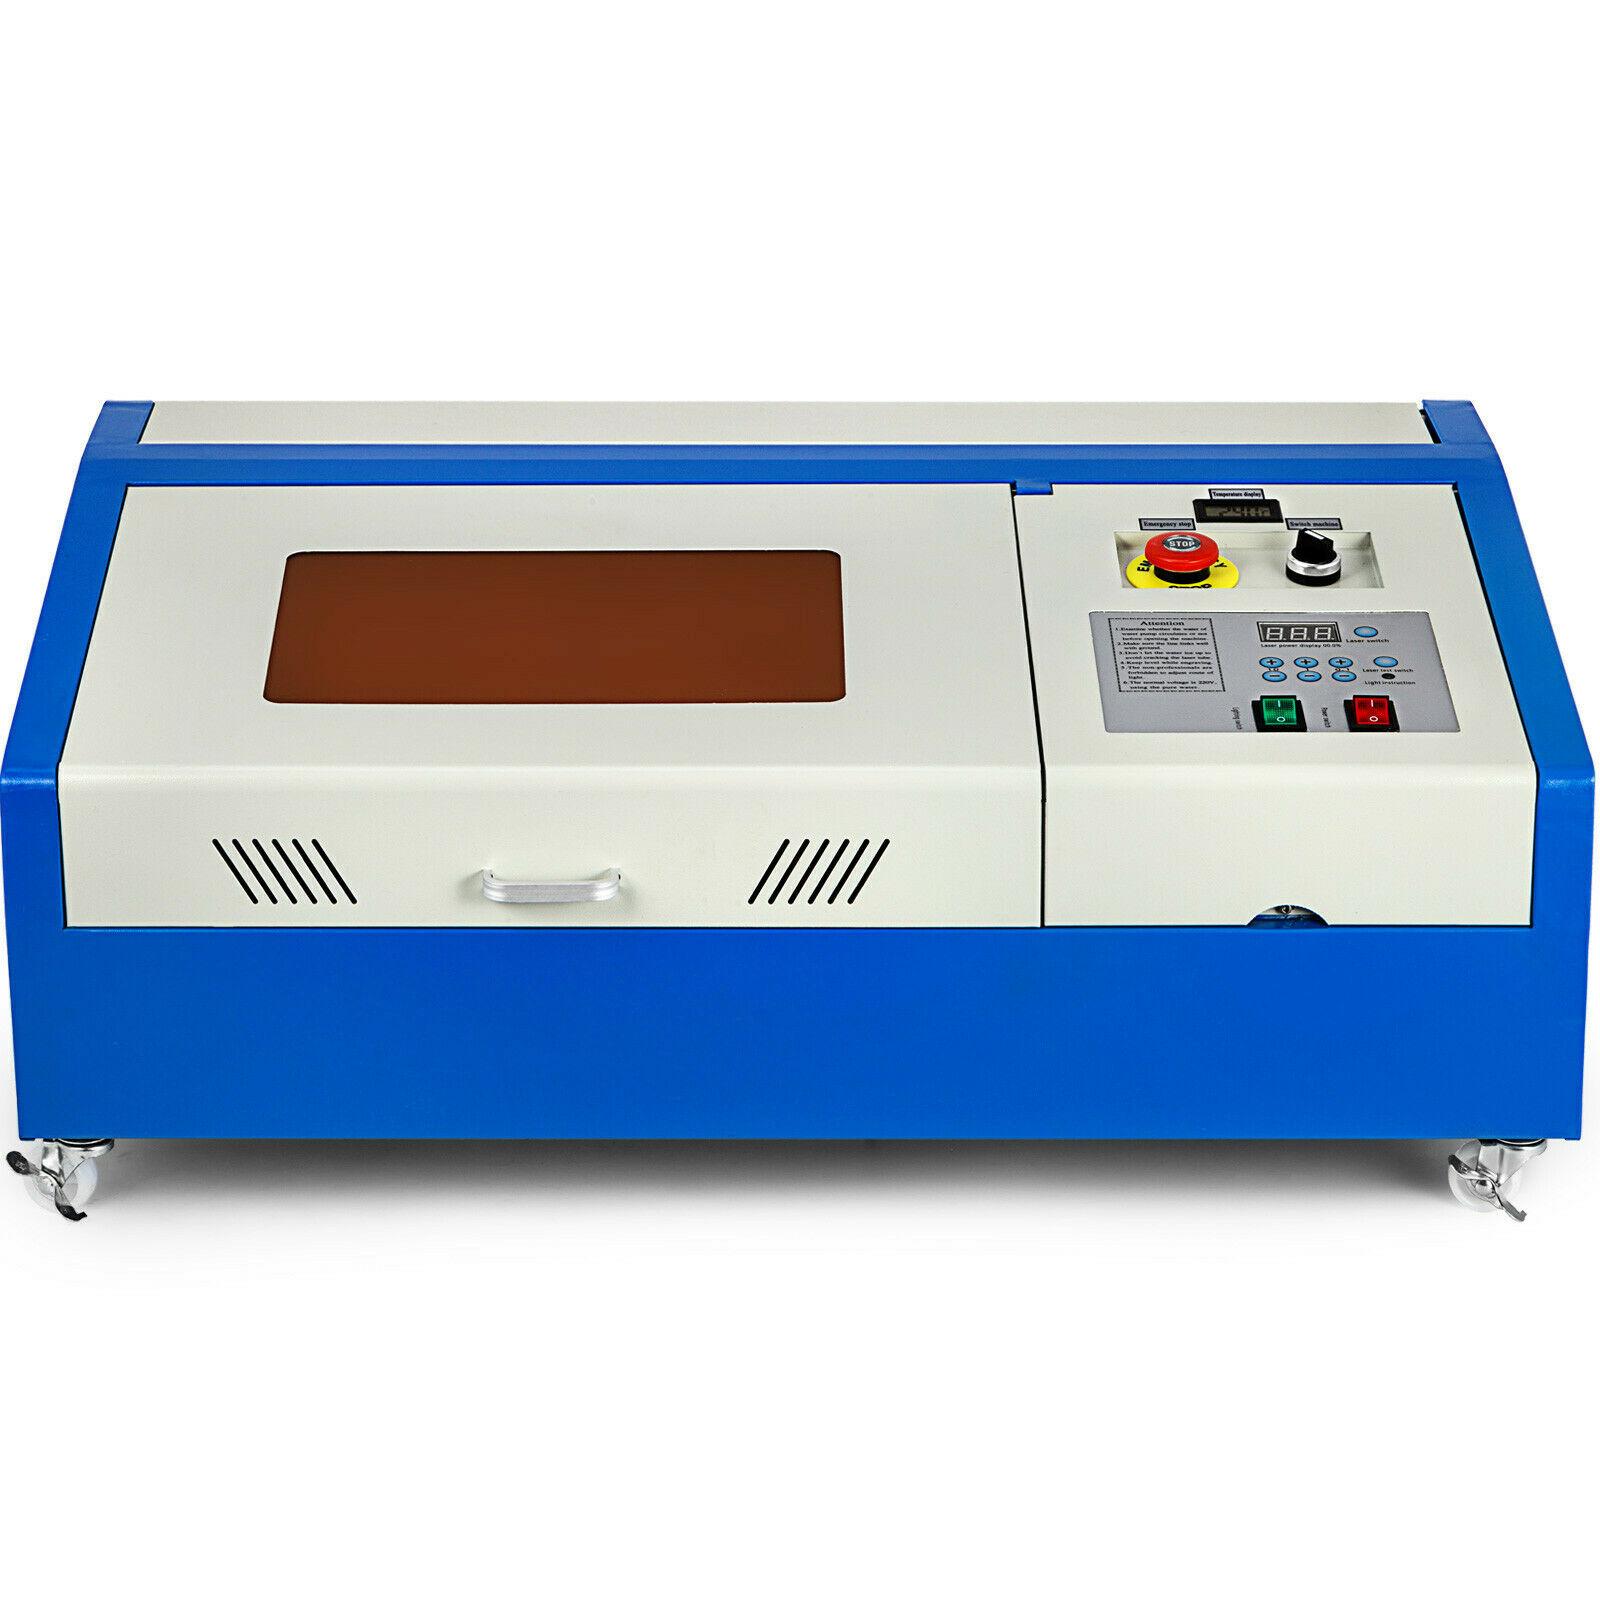 Upgrade-wersja 40W CO2 USB wycinarka laserowa Graviermaschine grawerowanie laserowe